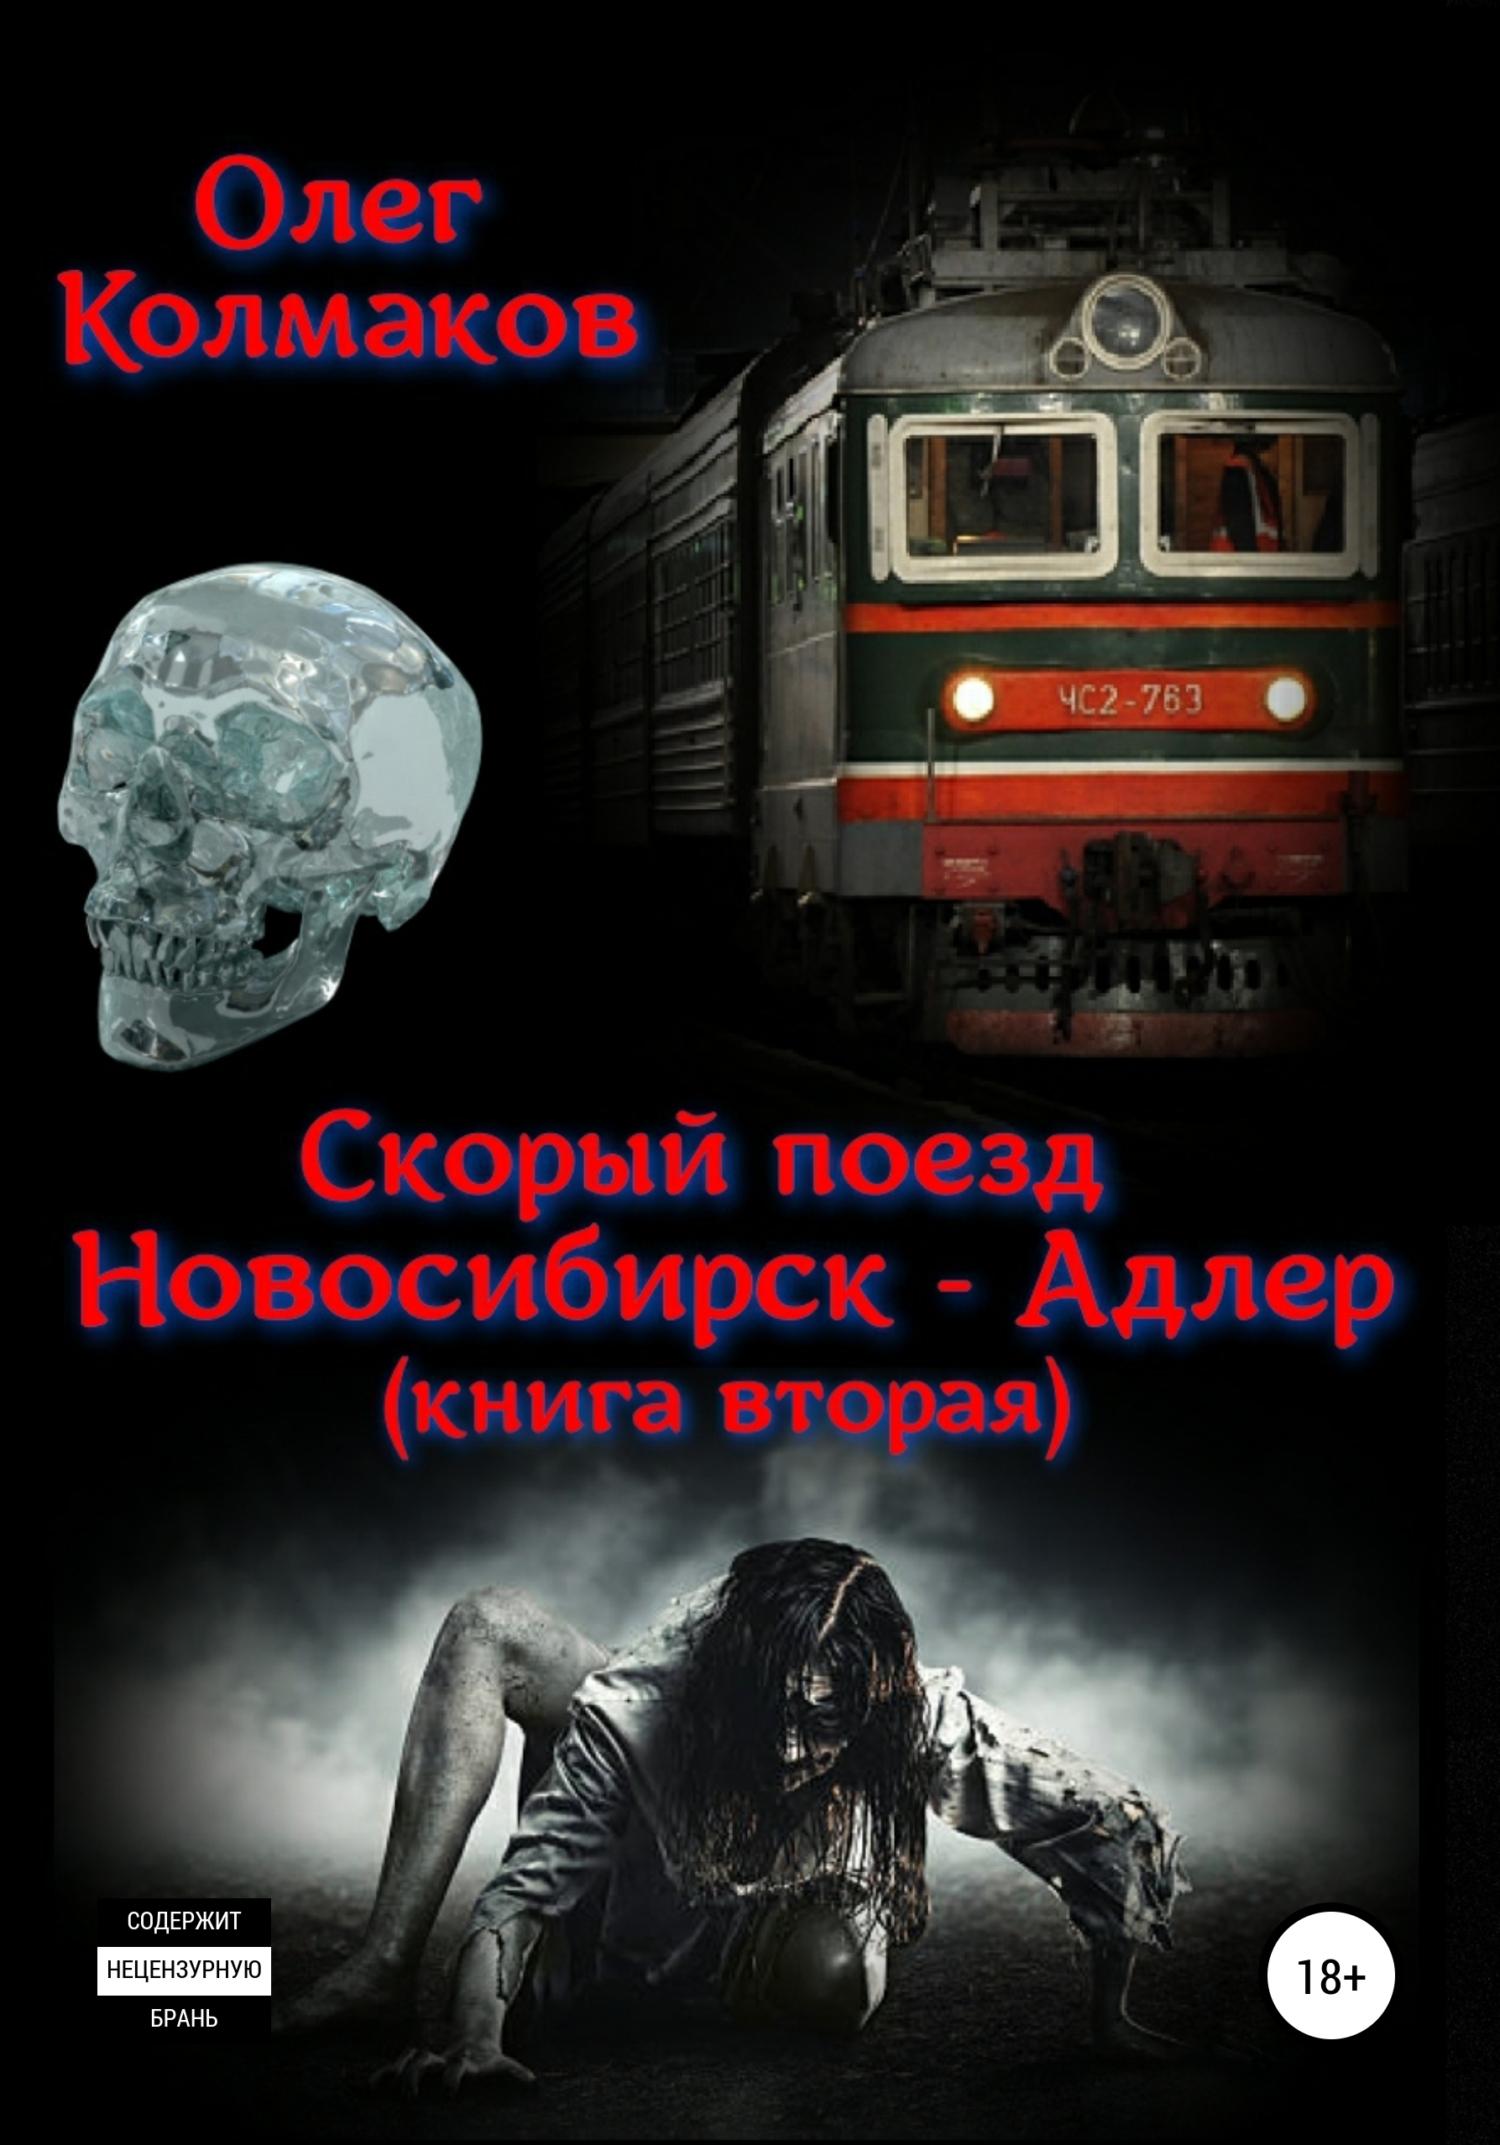 Олег Колмаков Скорый поезд «Новосибирск – Адлер» – 2